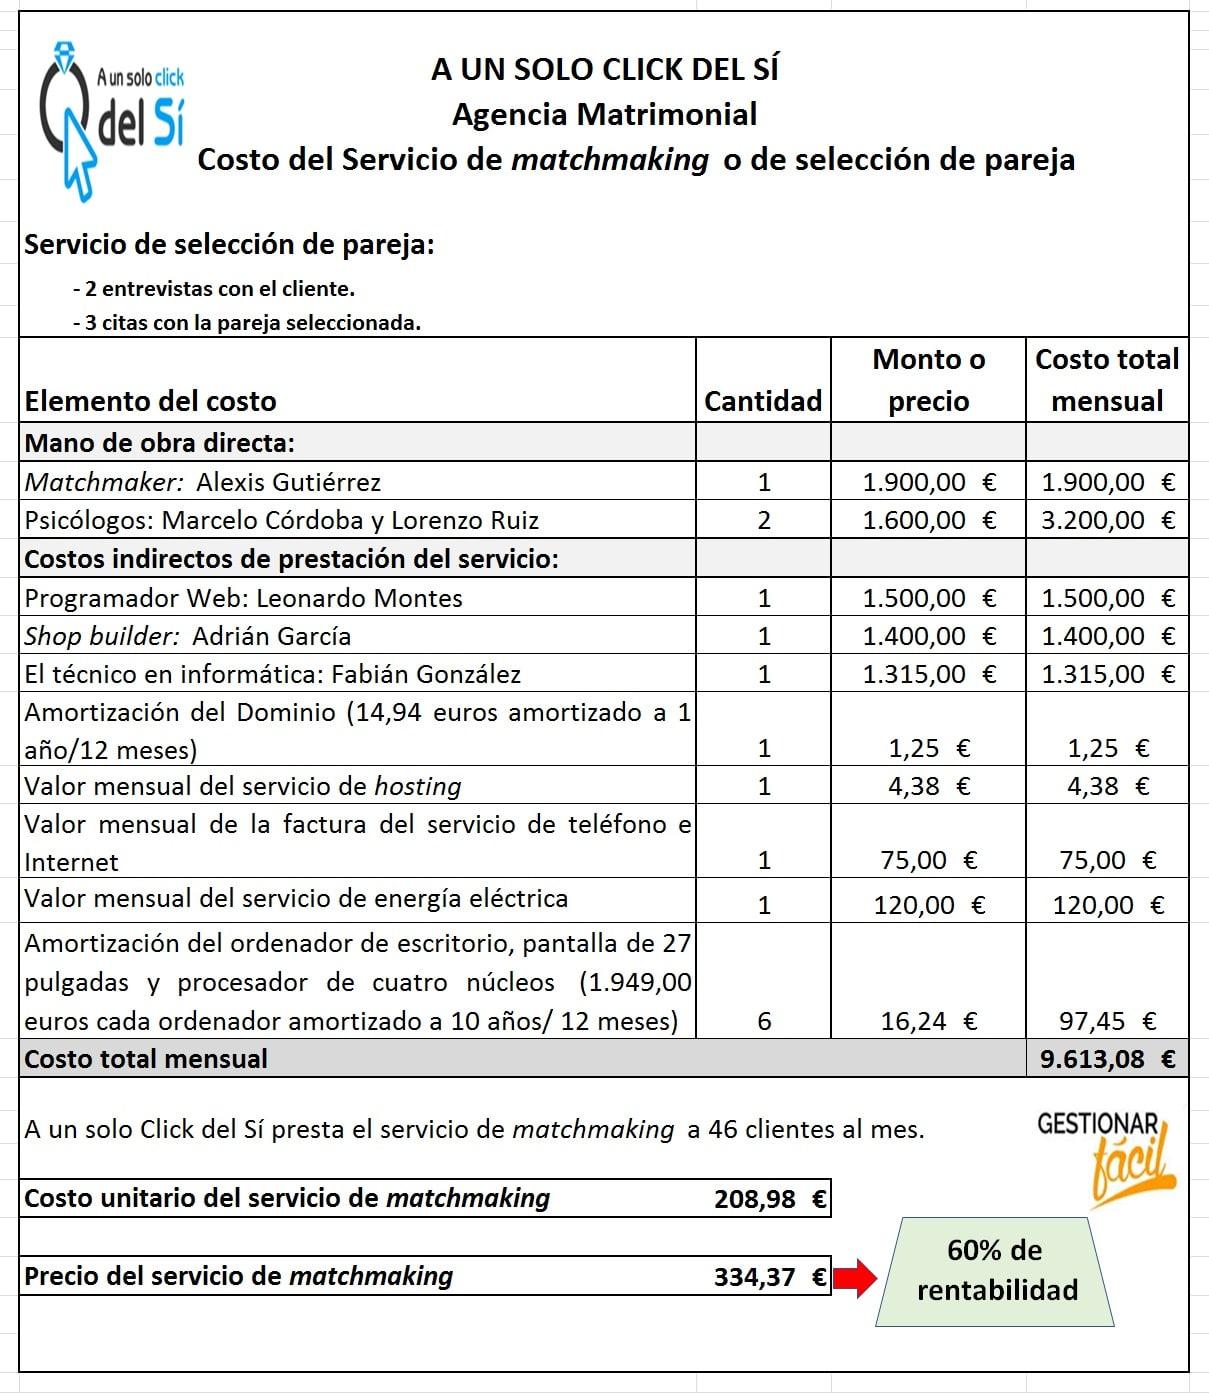 Estructura de costos para el servicio de selección de pareja.